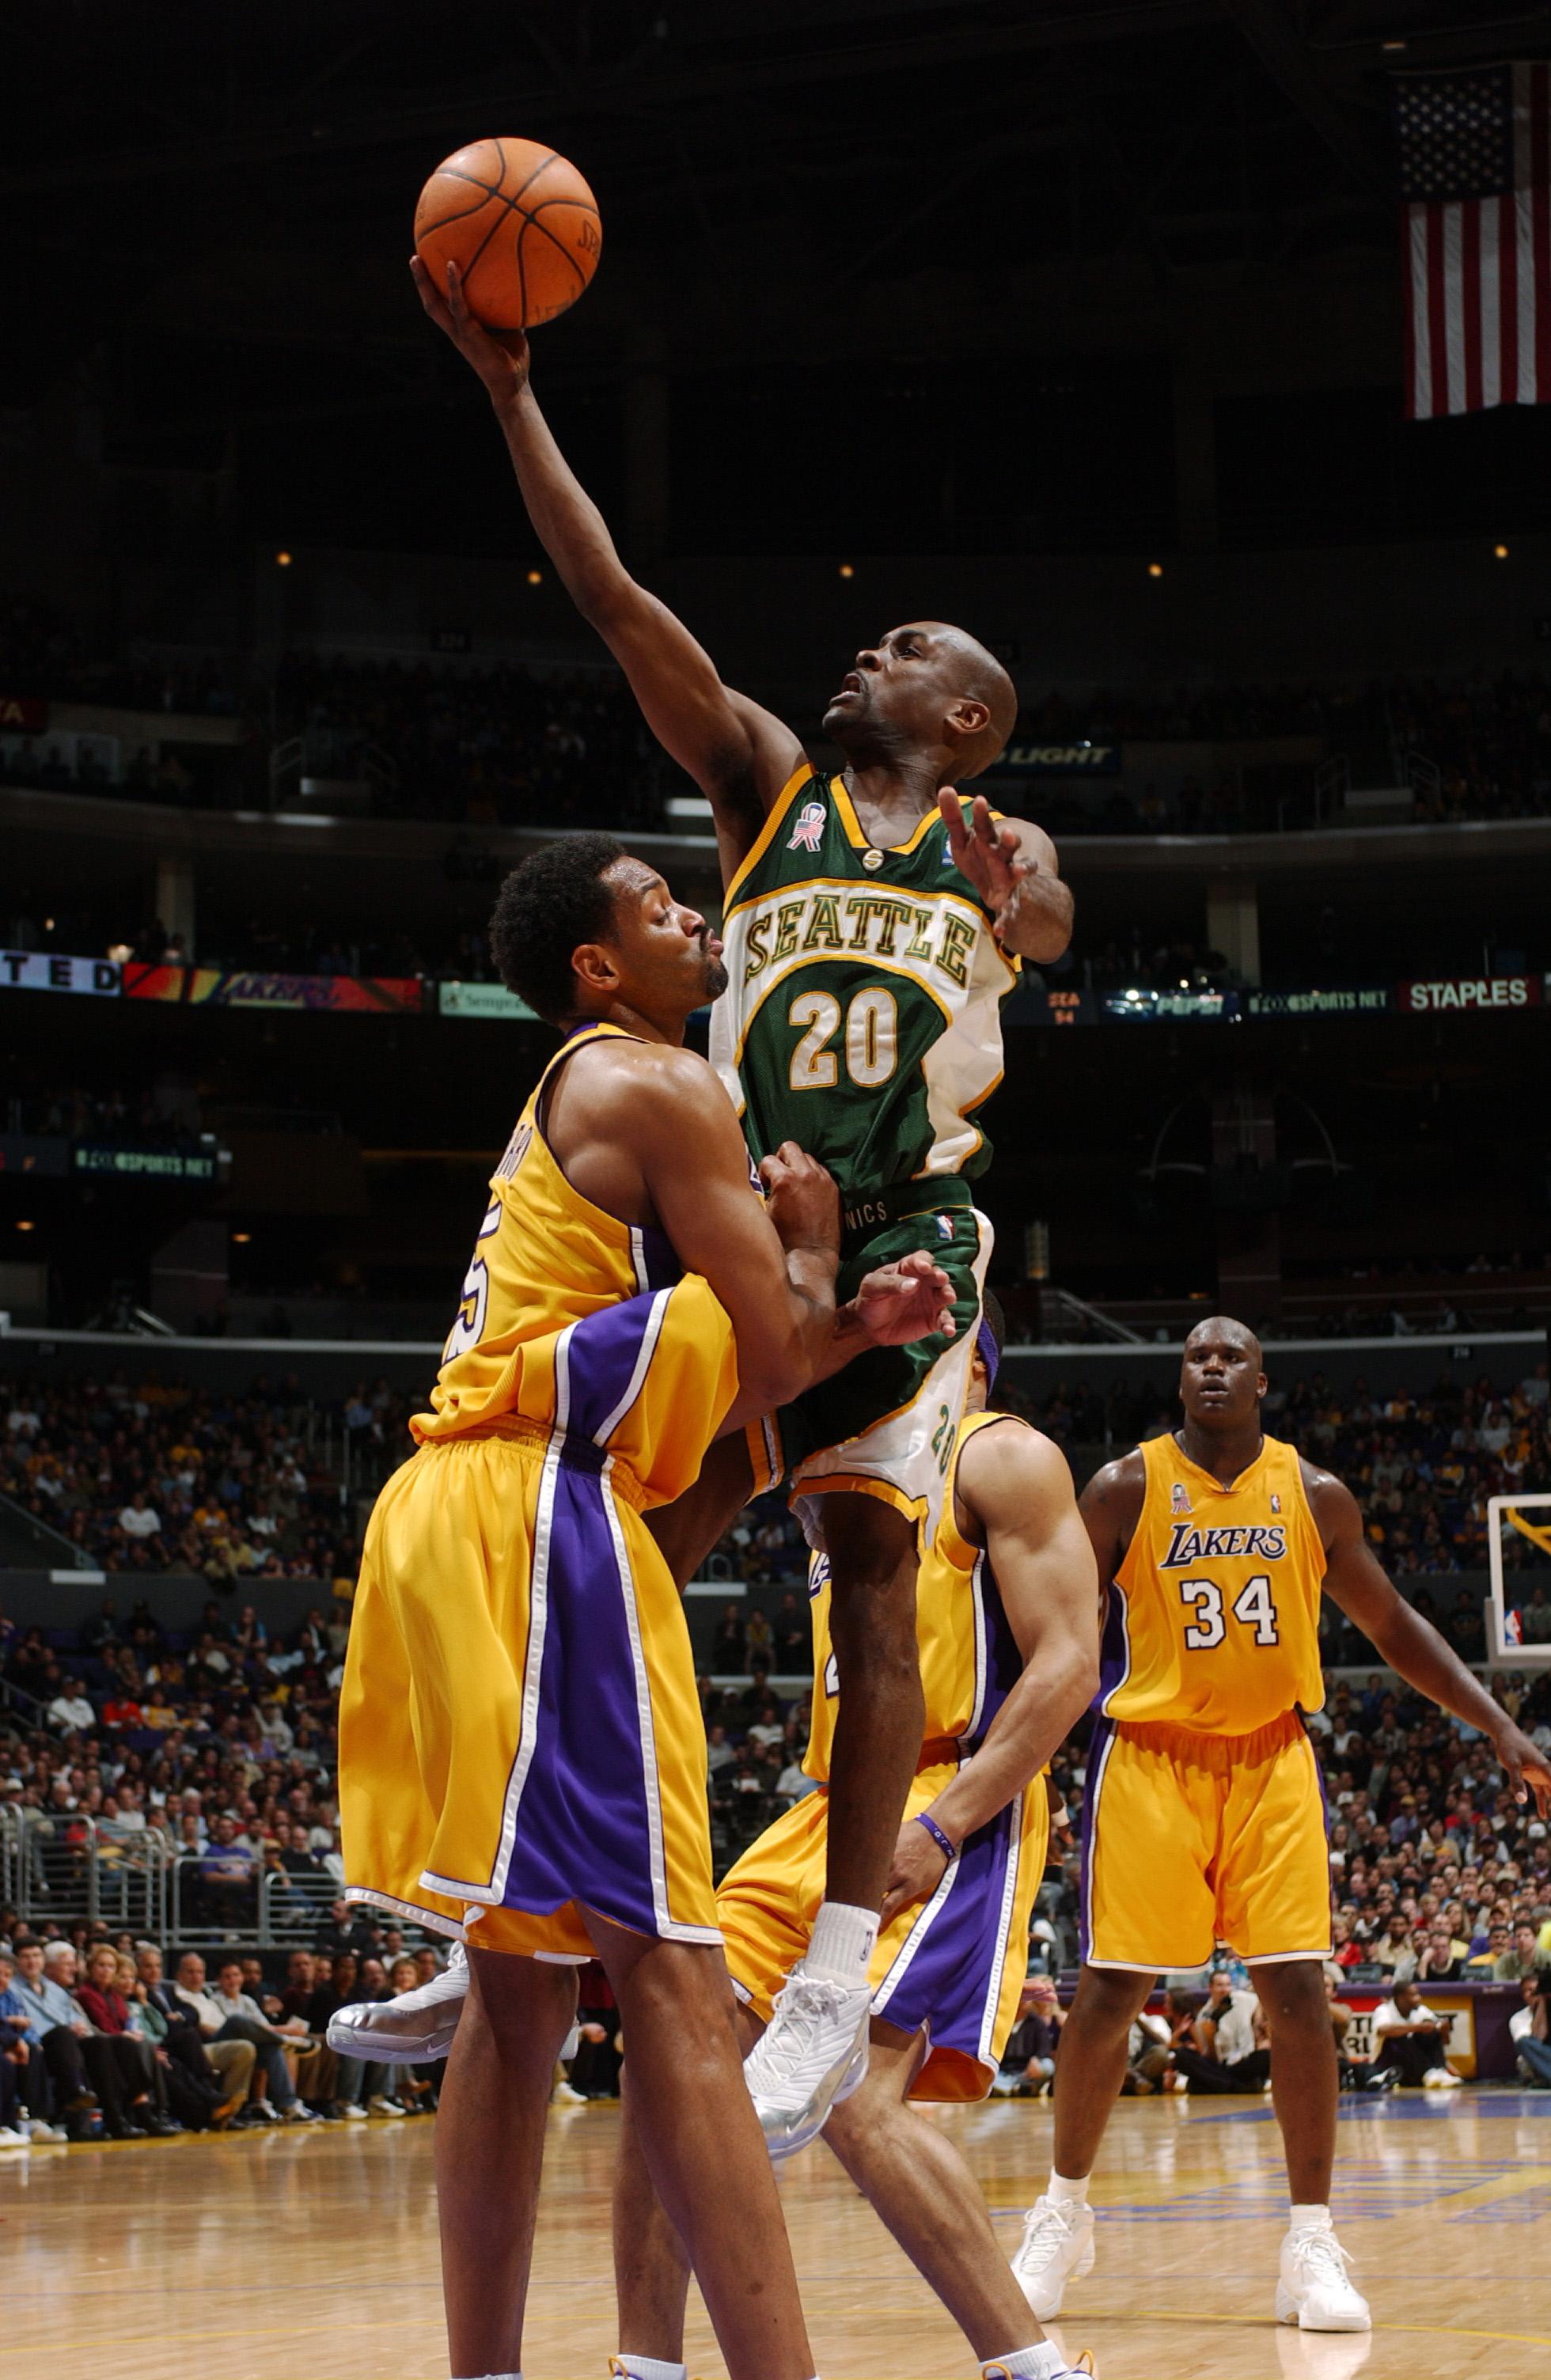 Sonics v Lakers X Payton